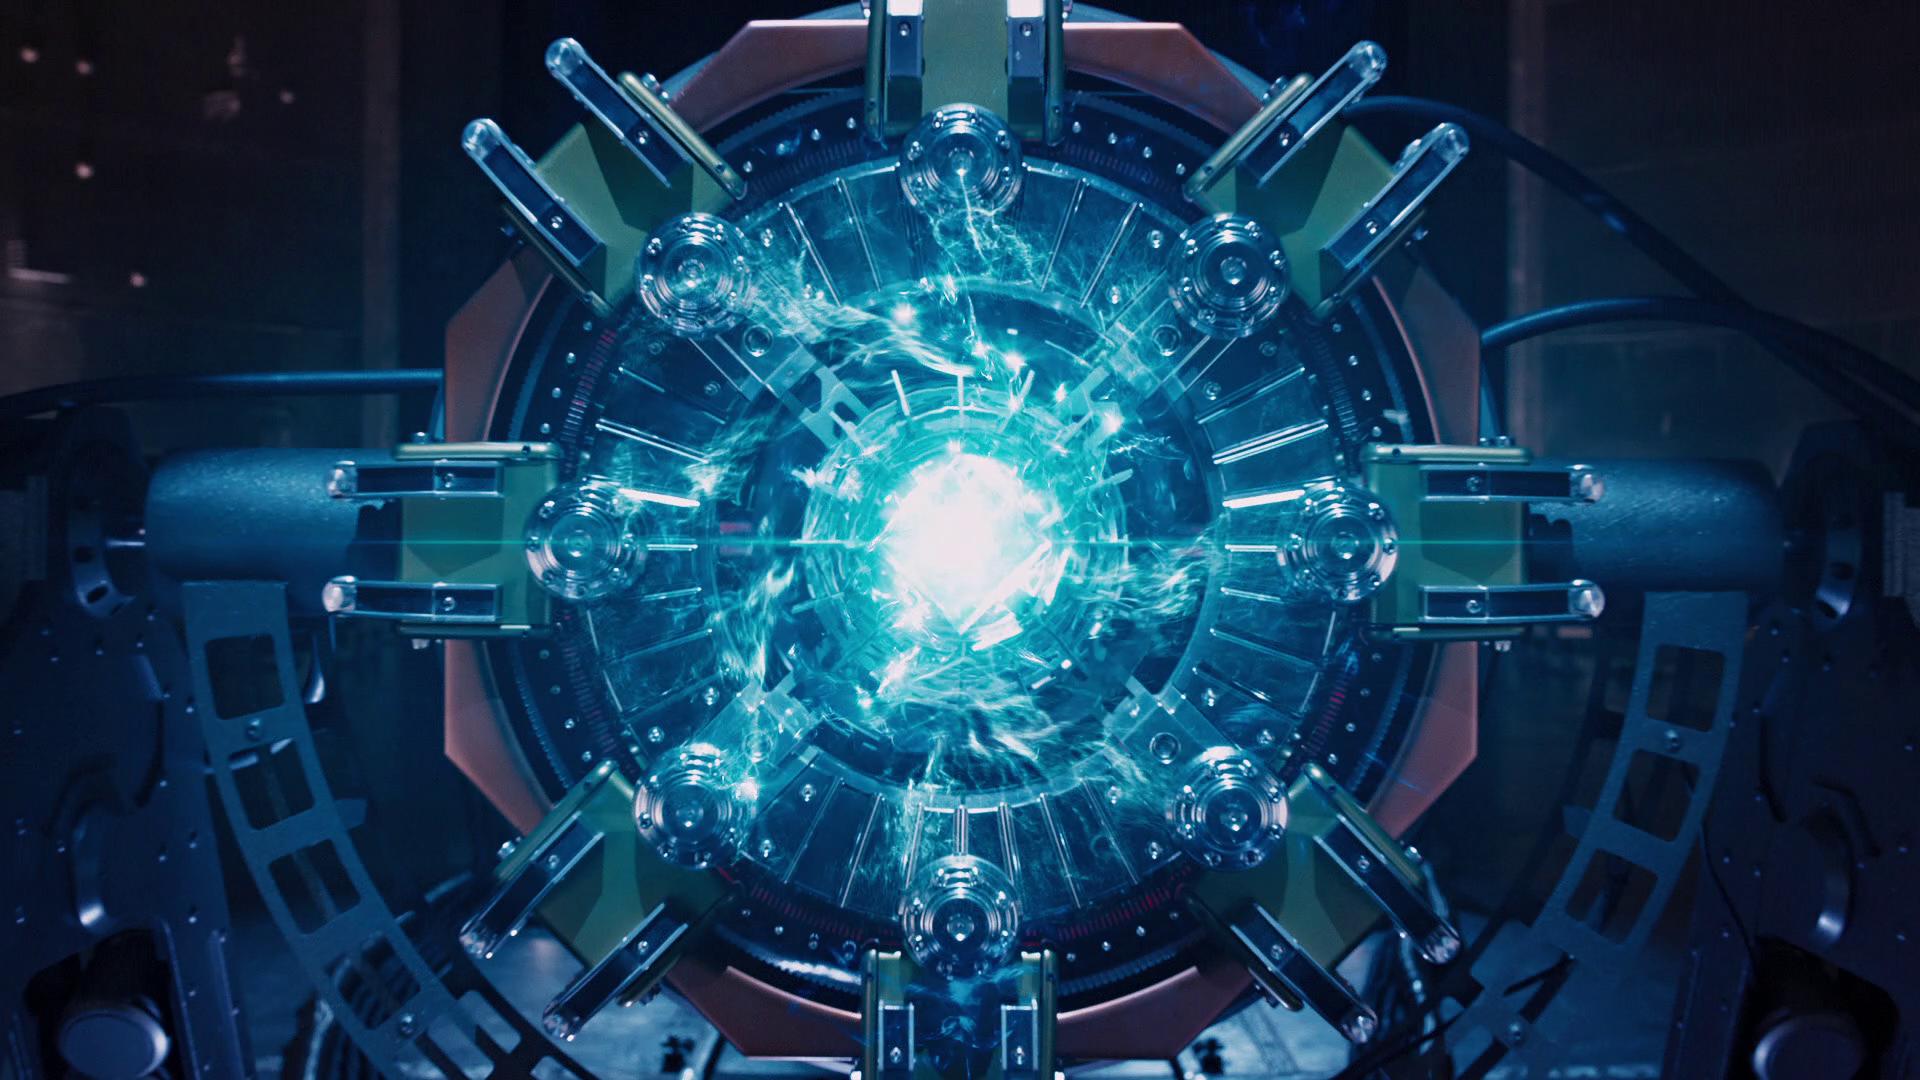 Còn chưa ra rạp mà Captain Marvel đã bị soi ra lỗ hổng to đùng trong Vũ trụ Marvel - Ảnh 2.